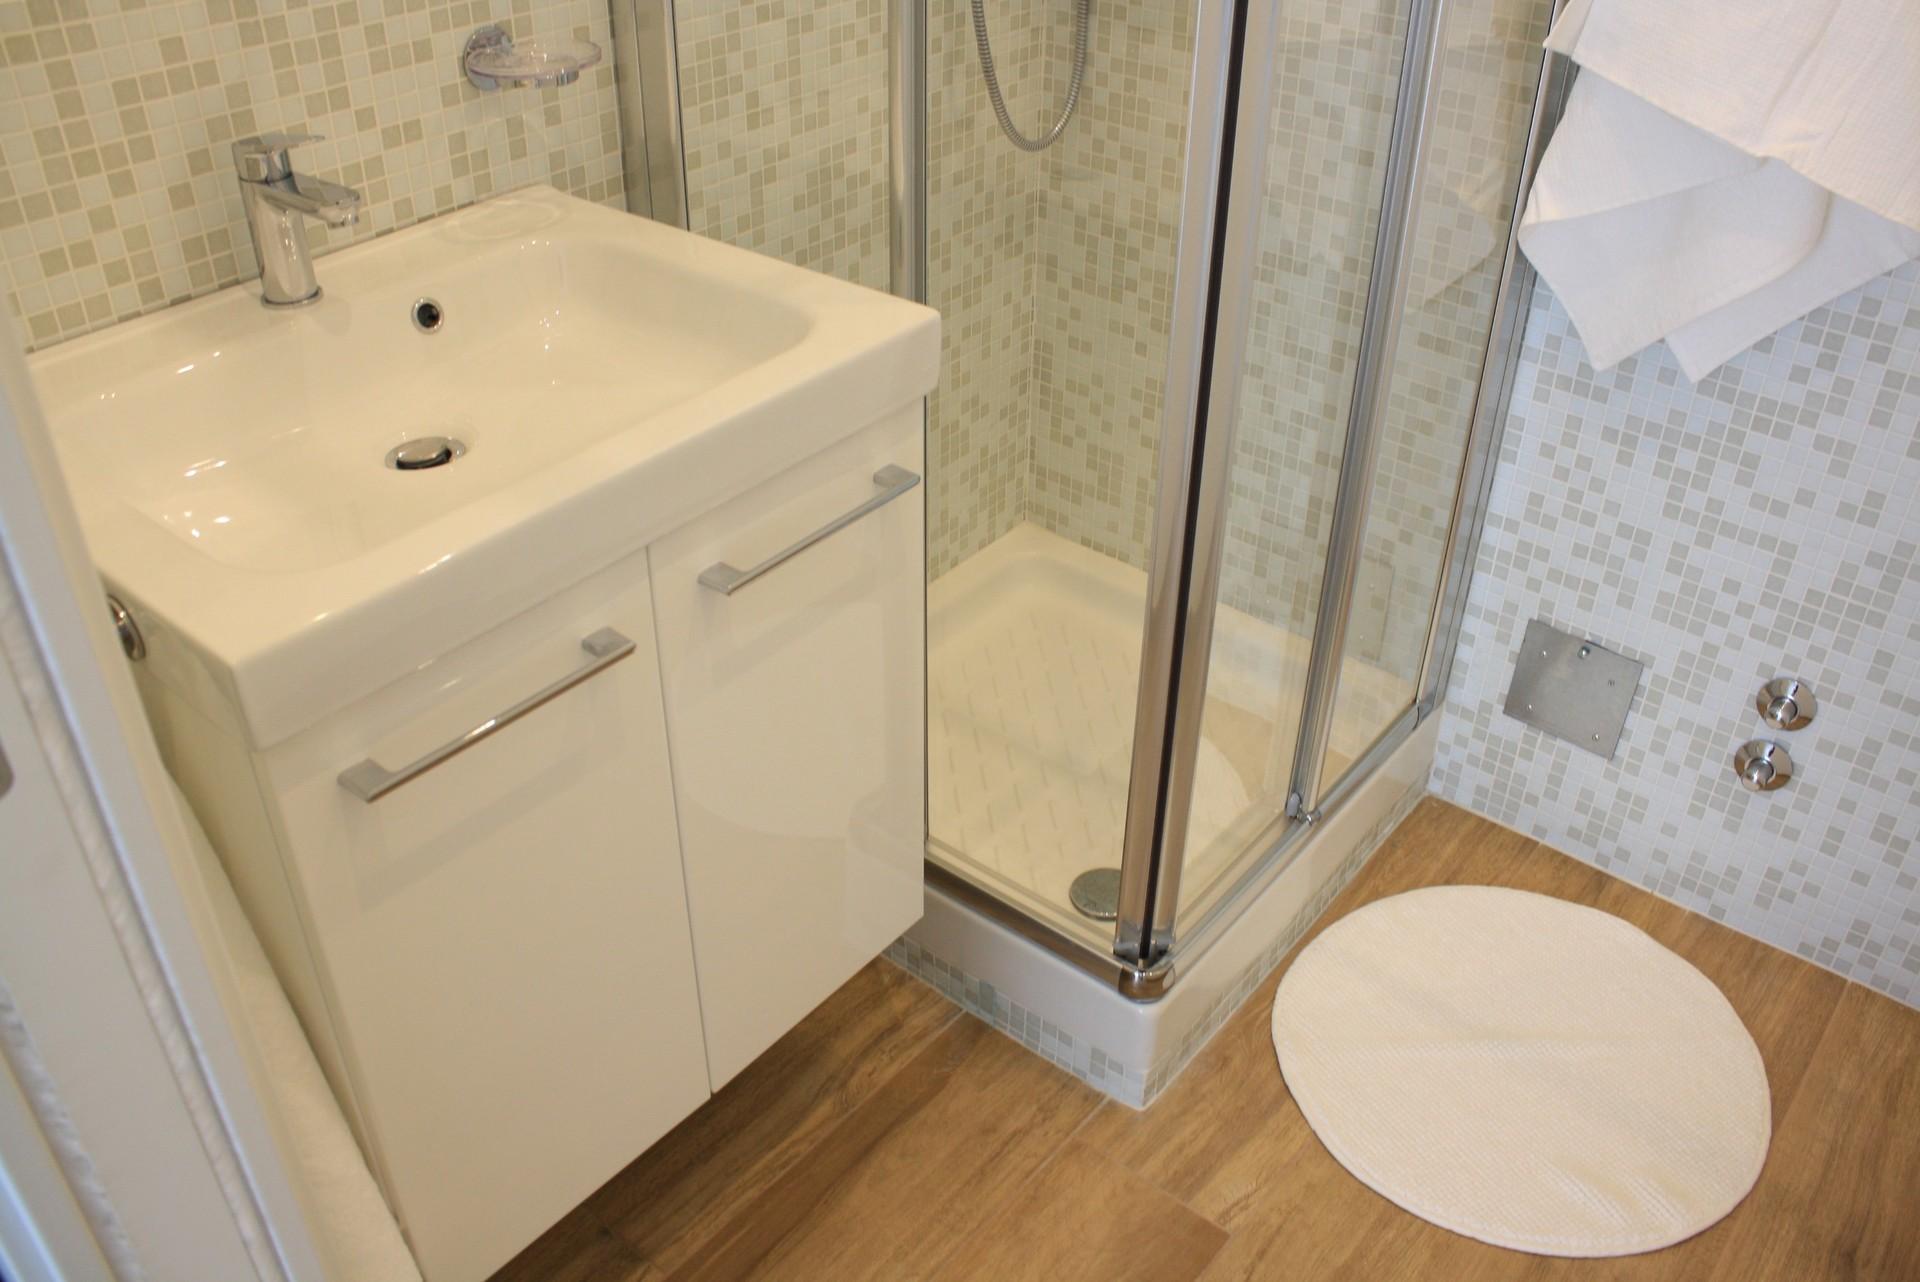 Camera singola doccia e lavabo in camera wc in condivisione stanze in affitto milano - Doccia in camera da letto ...